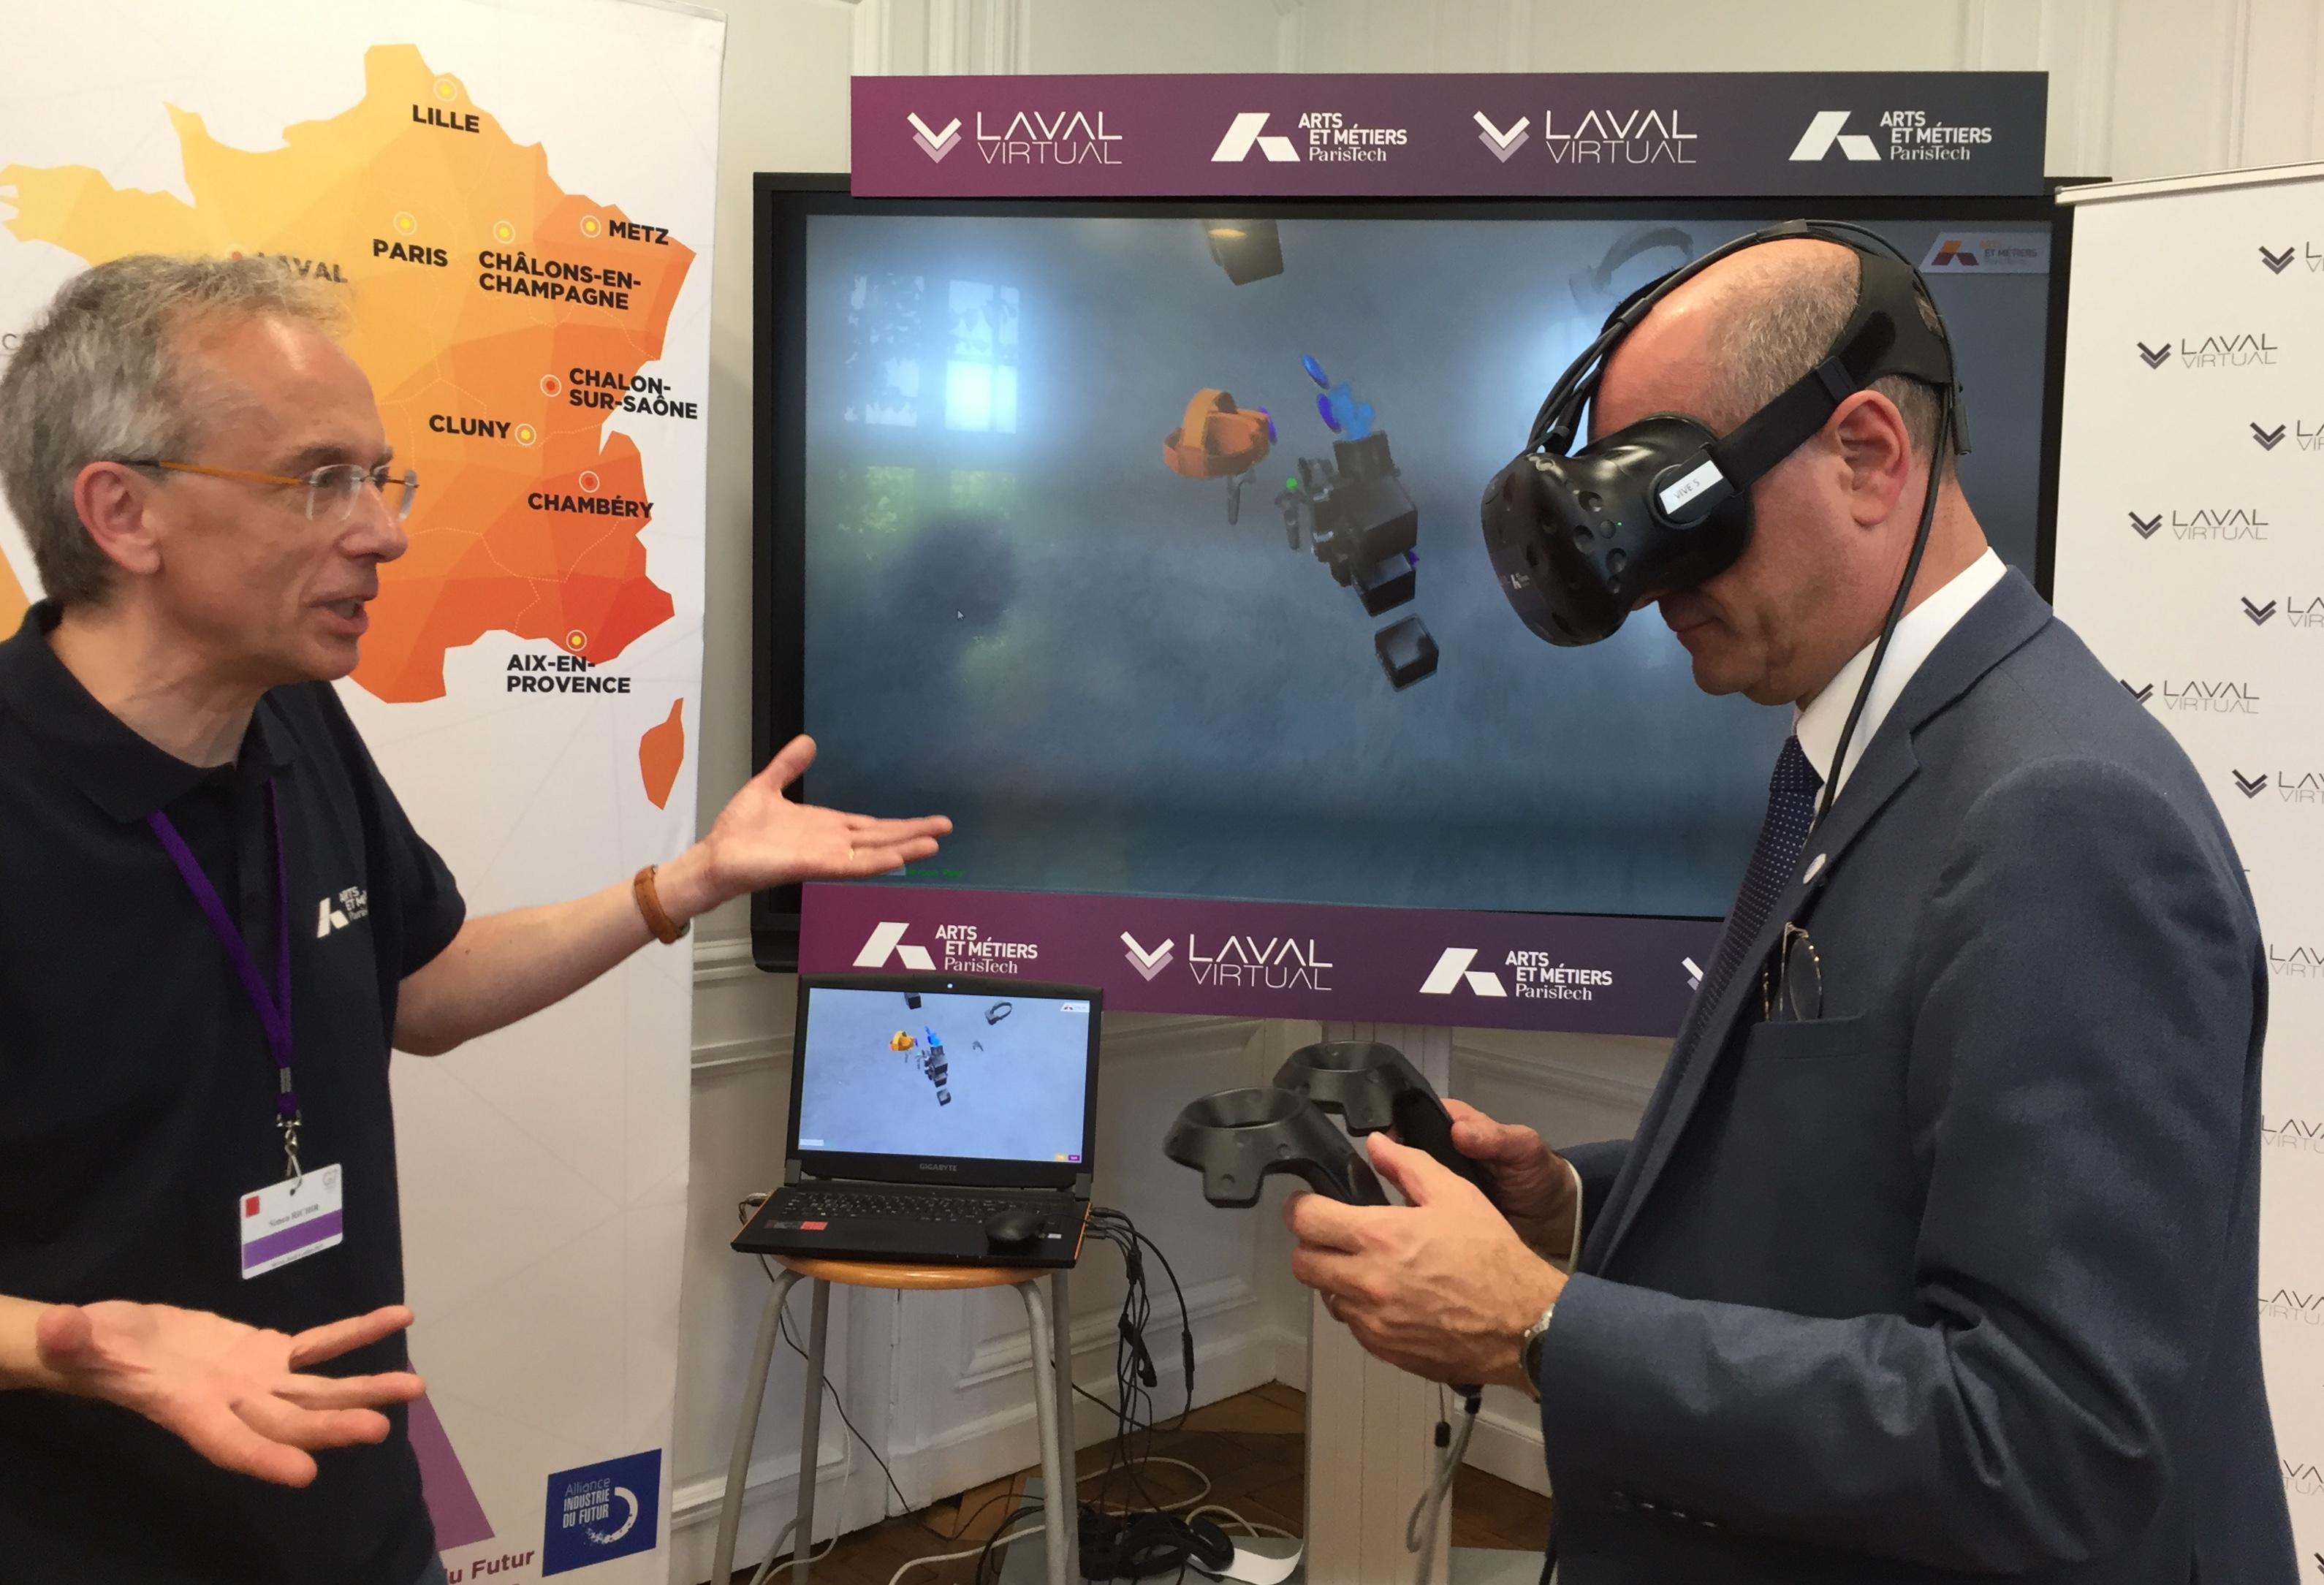 Le ministre de l'éducation Jean-Michel Blanquer teste une application de réalité virtuelle avec les équipes des Arts et Métiers et Laval Virtual au G7